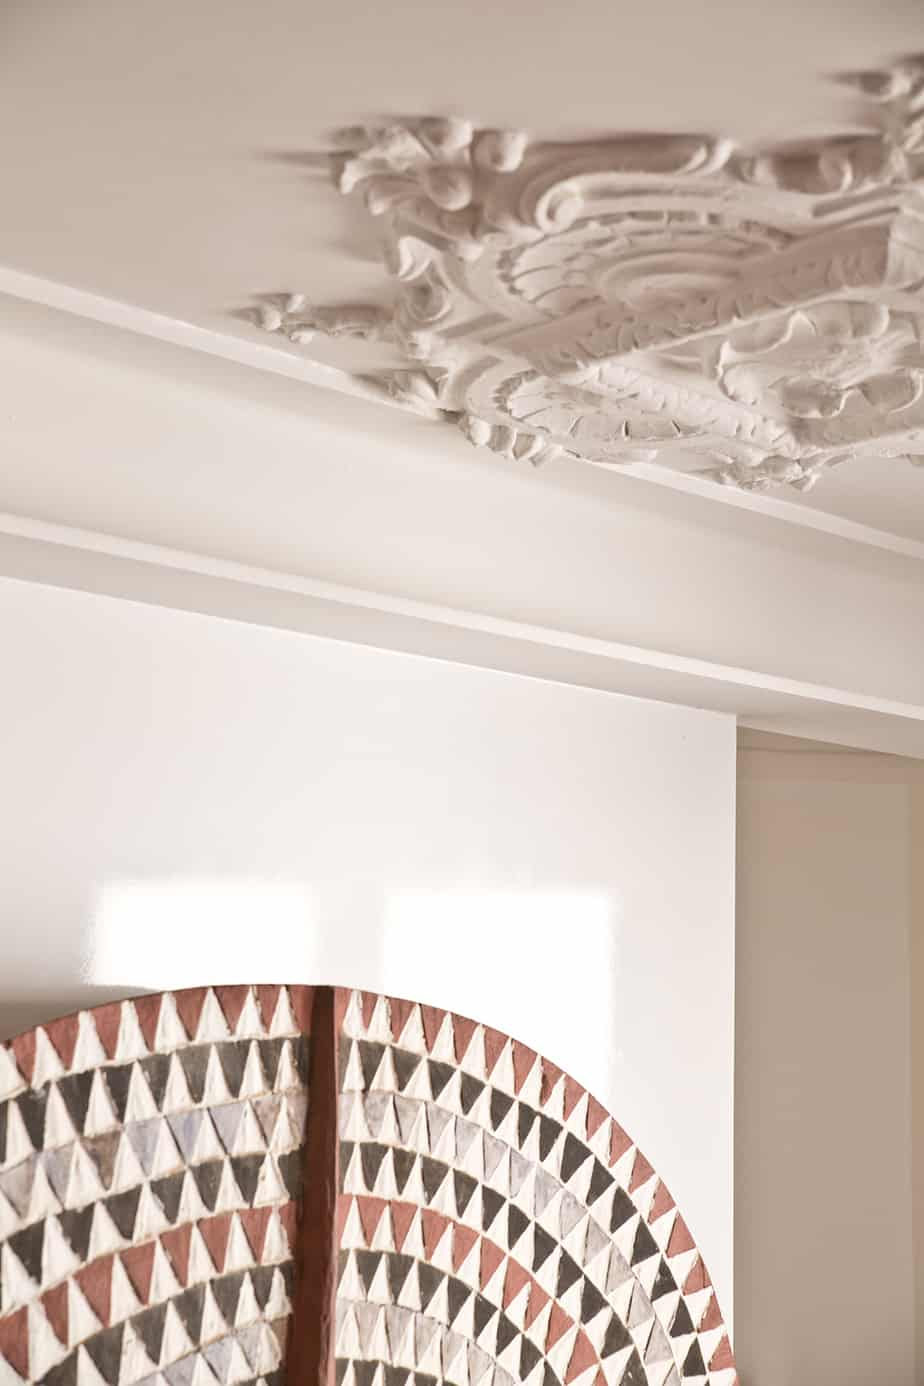 archibien a paris© Jonathan Letoublon Architecte Antonin Ziegler via Archibien 28 - Visite d'un appartement Archibien à Paris